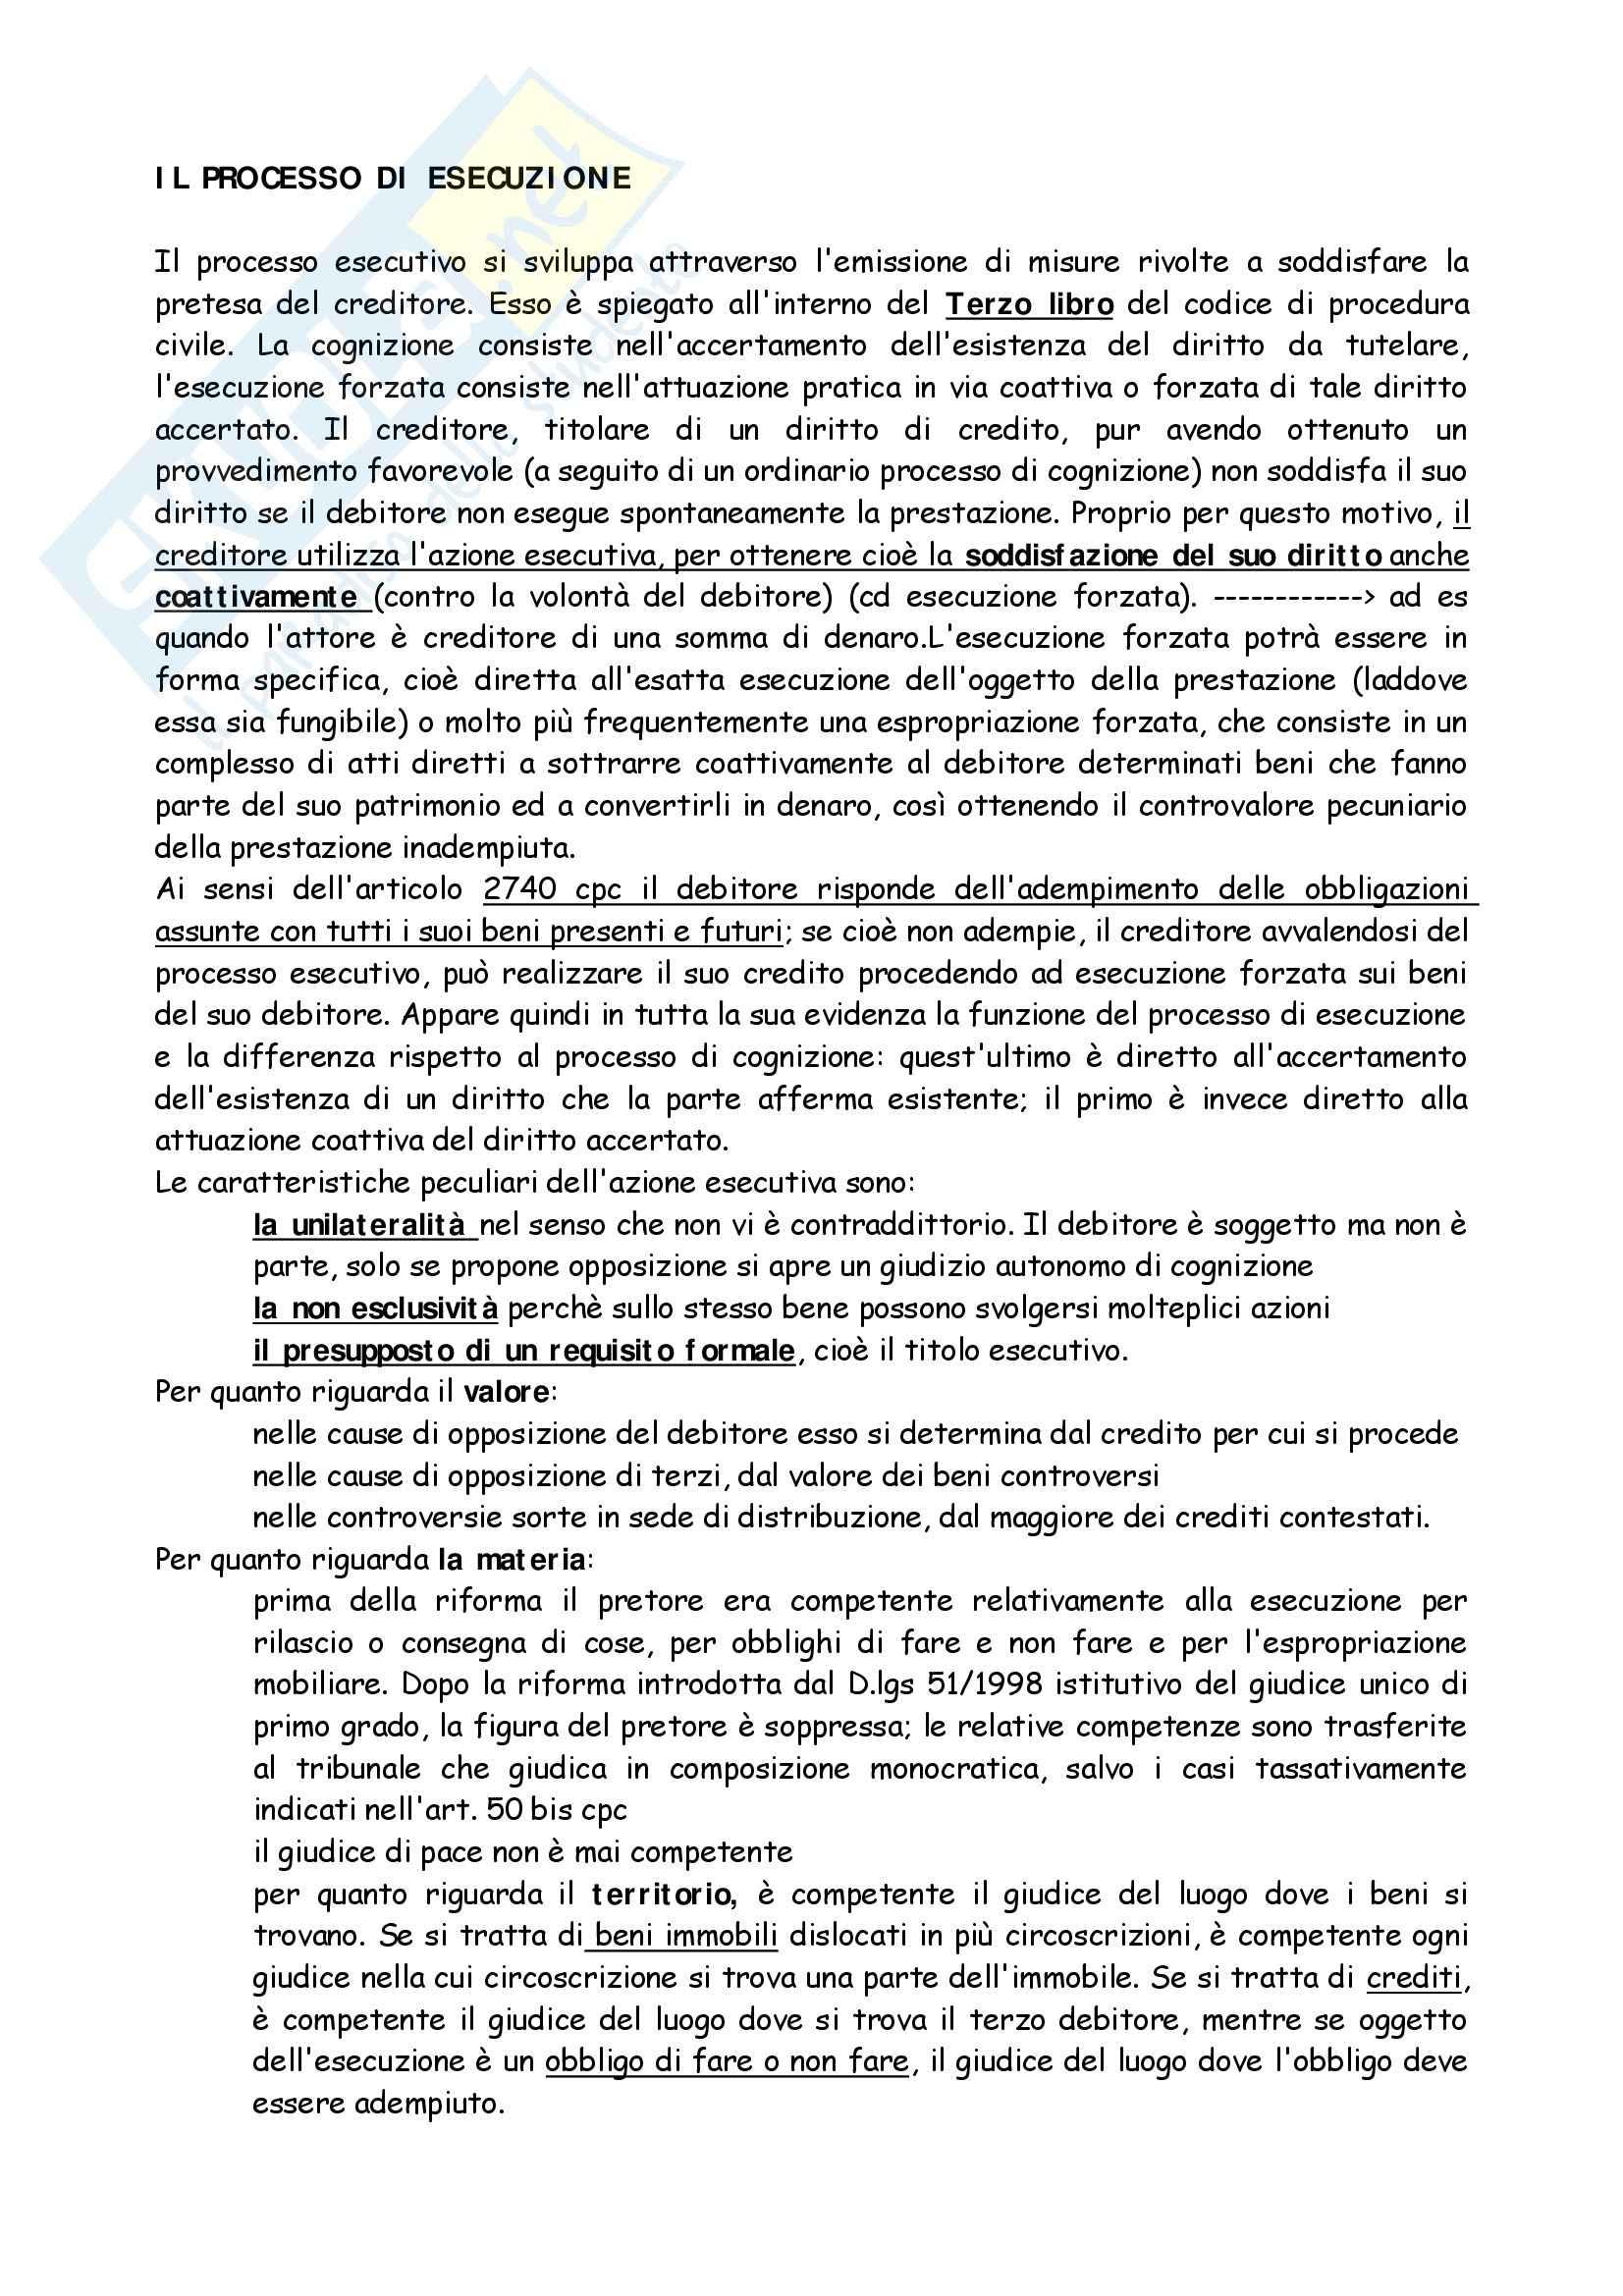 Diritto processuale civile II - processo di esecuzione